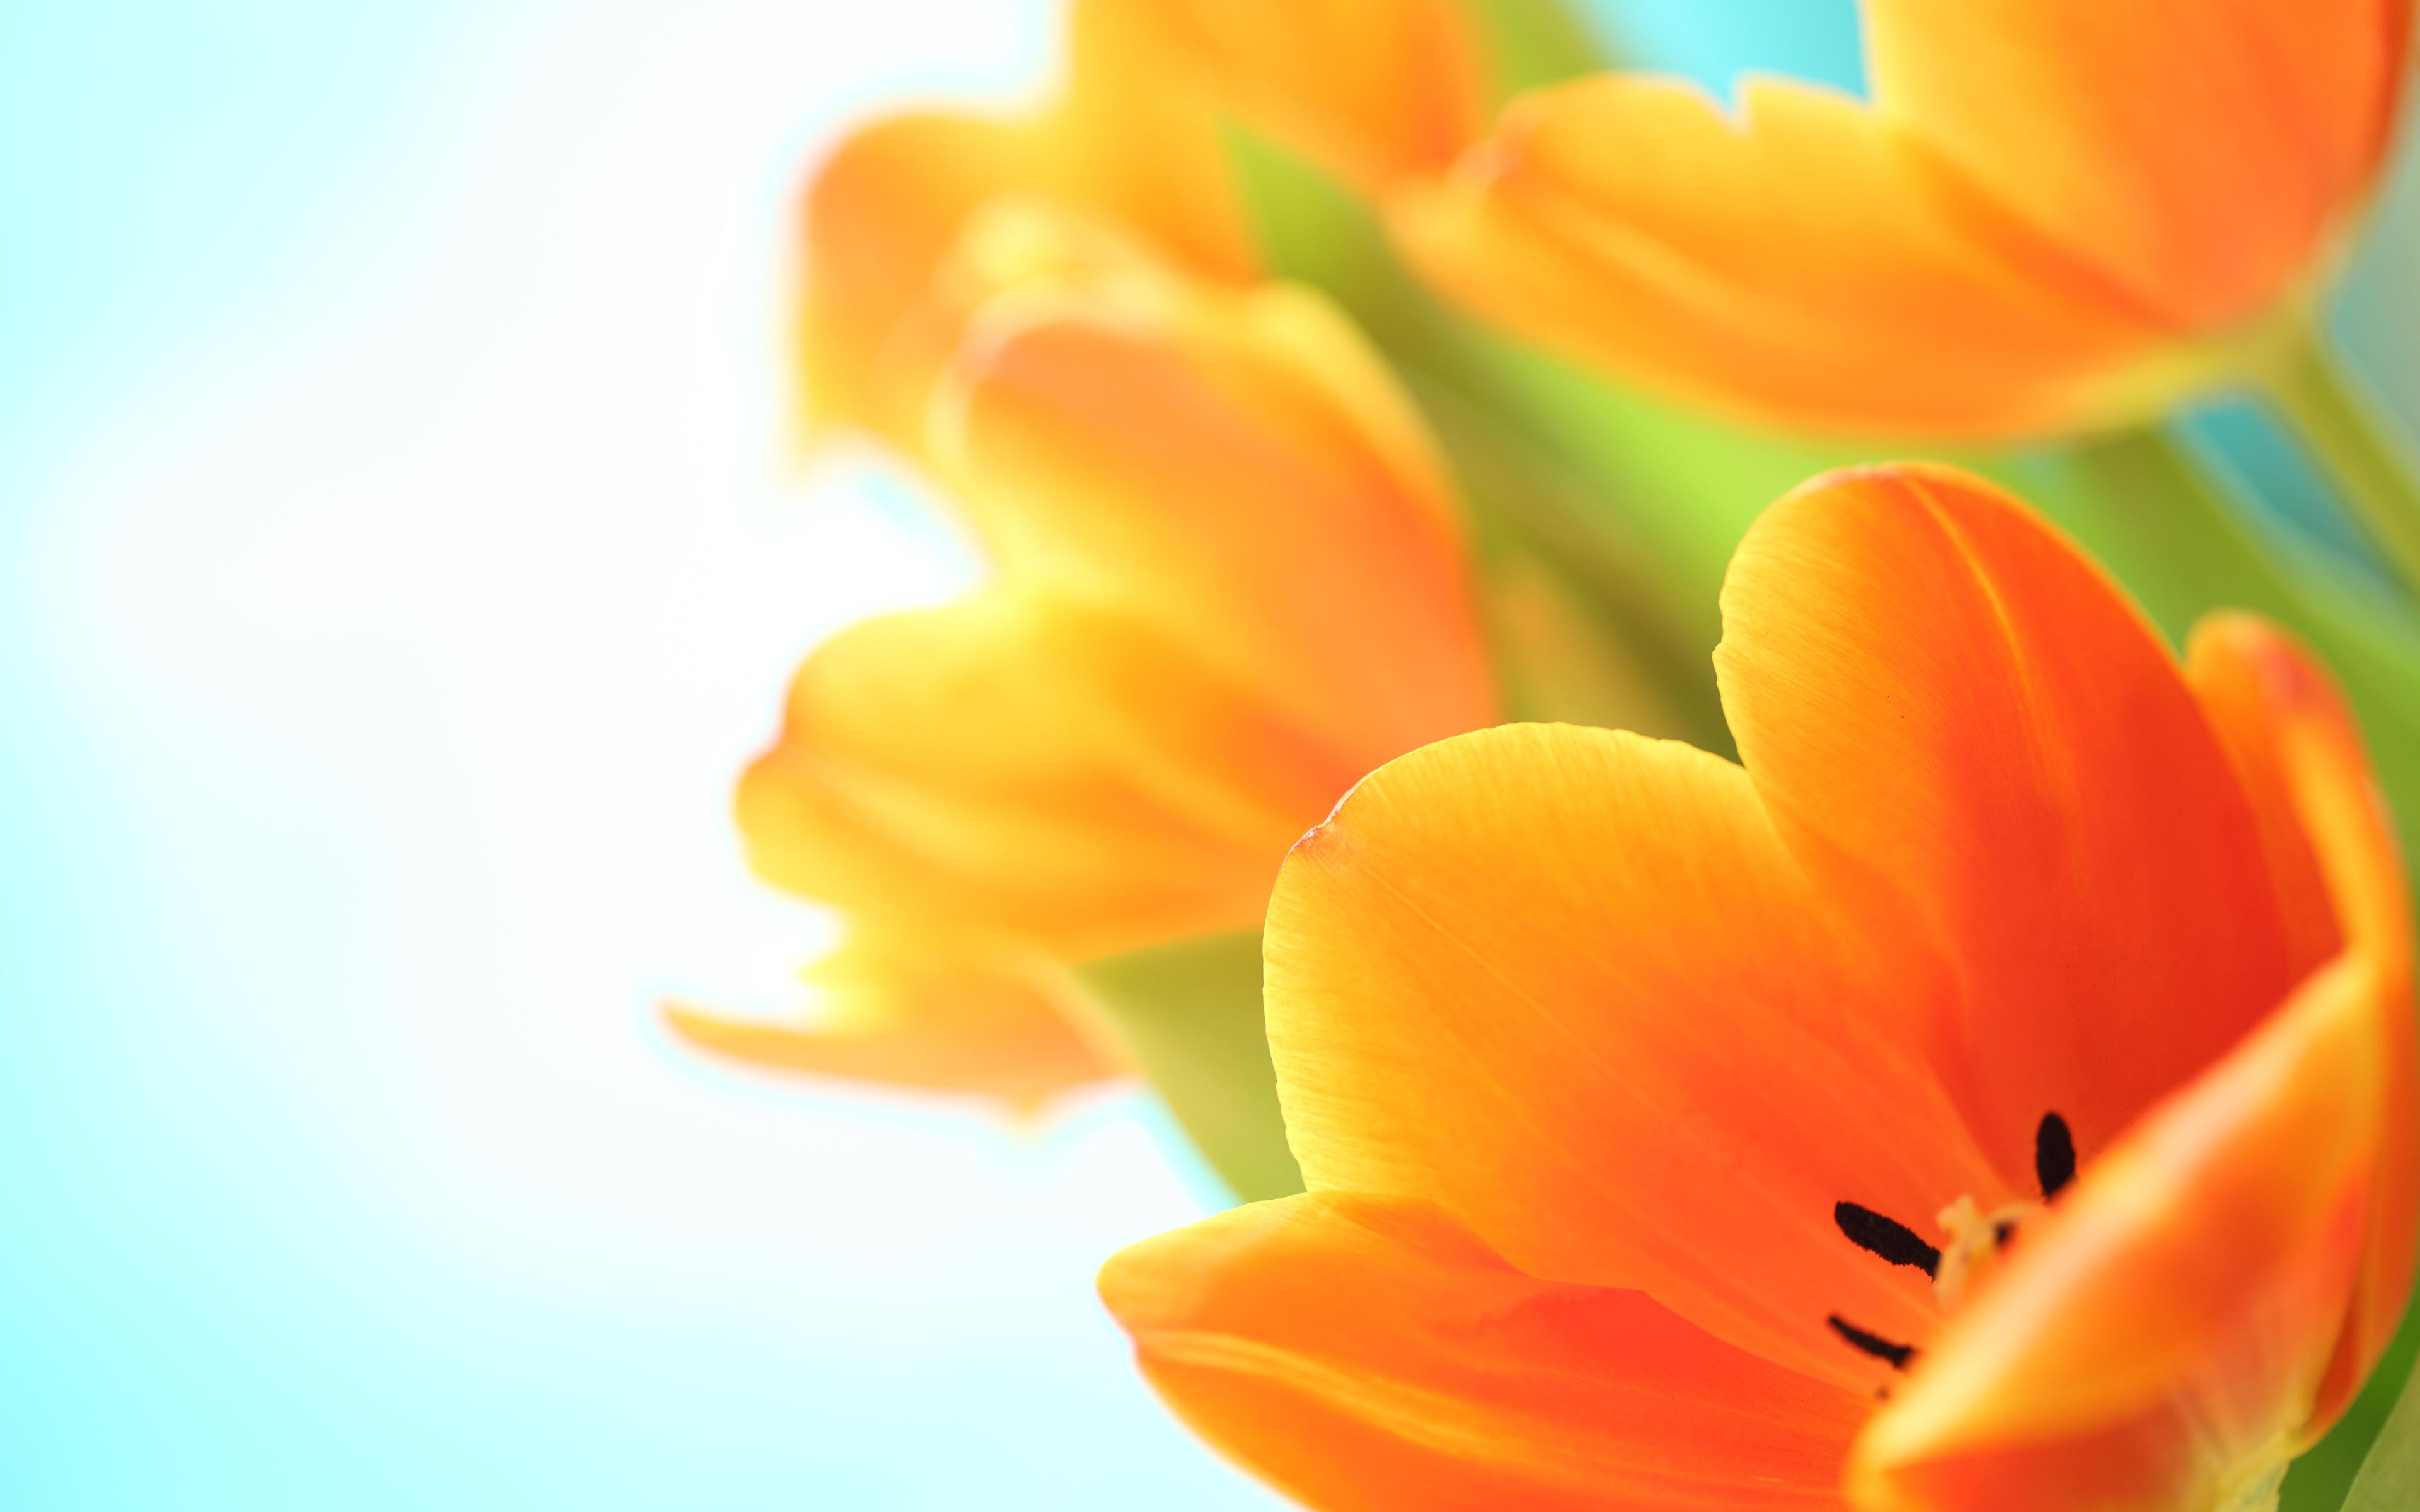 Картинка тюльпан оранжевые цветок Крупным планом 3840x2400 Тюльпаны оранжевых оранжевая Оранжевый Цветы вблизи